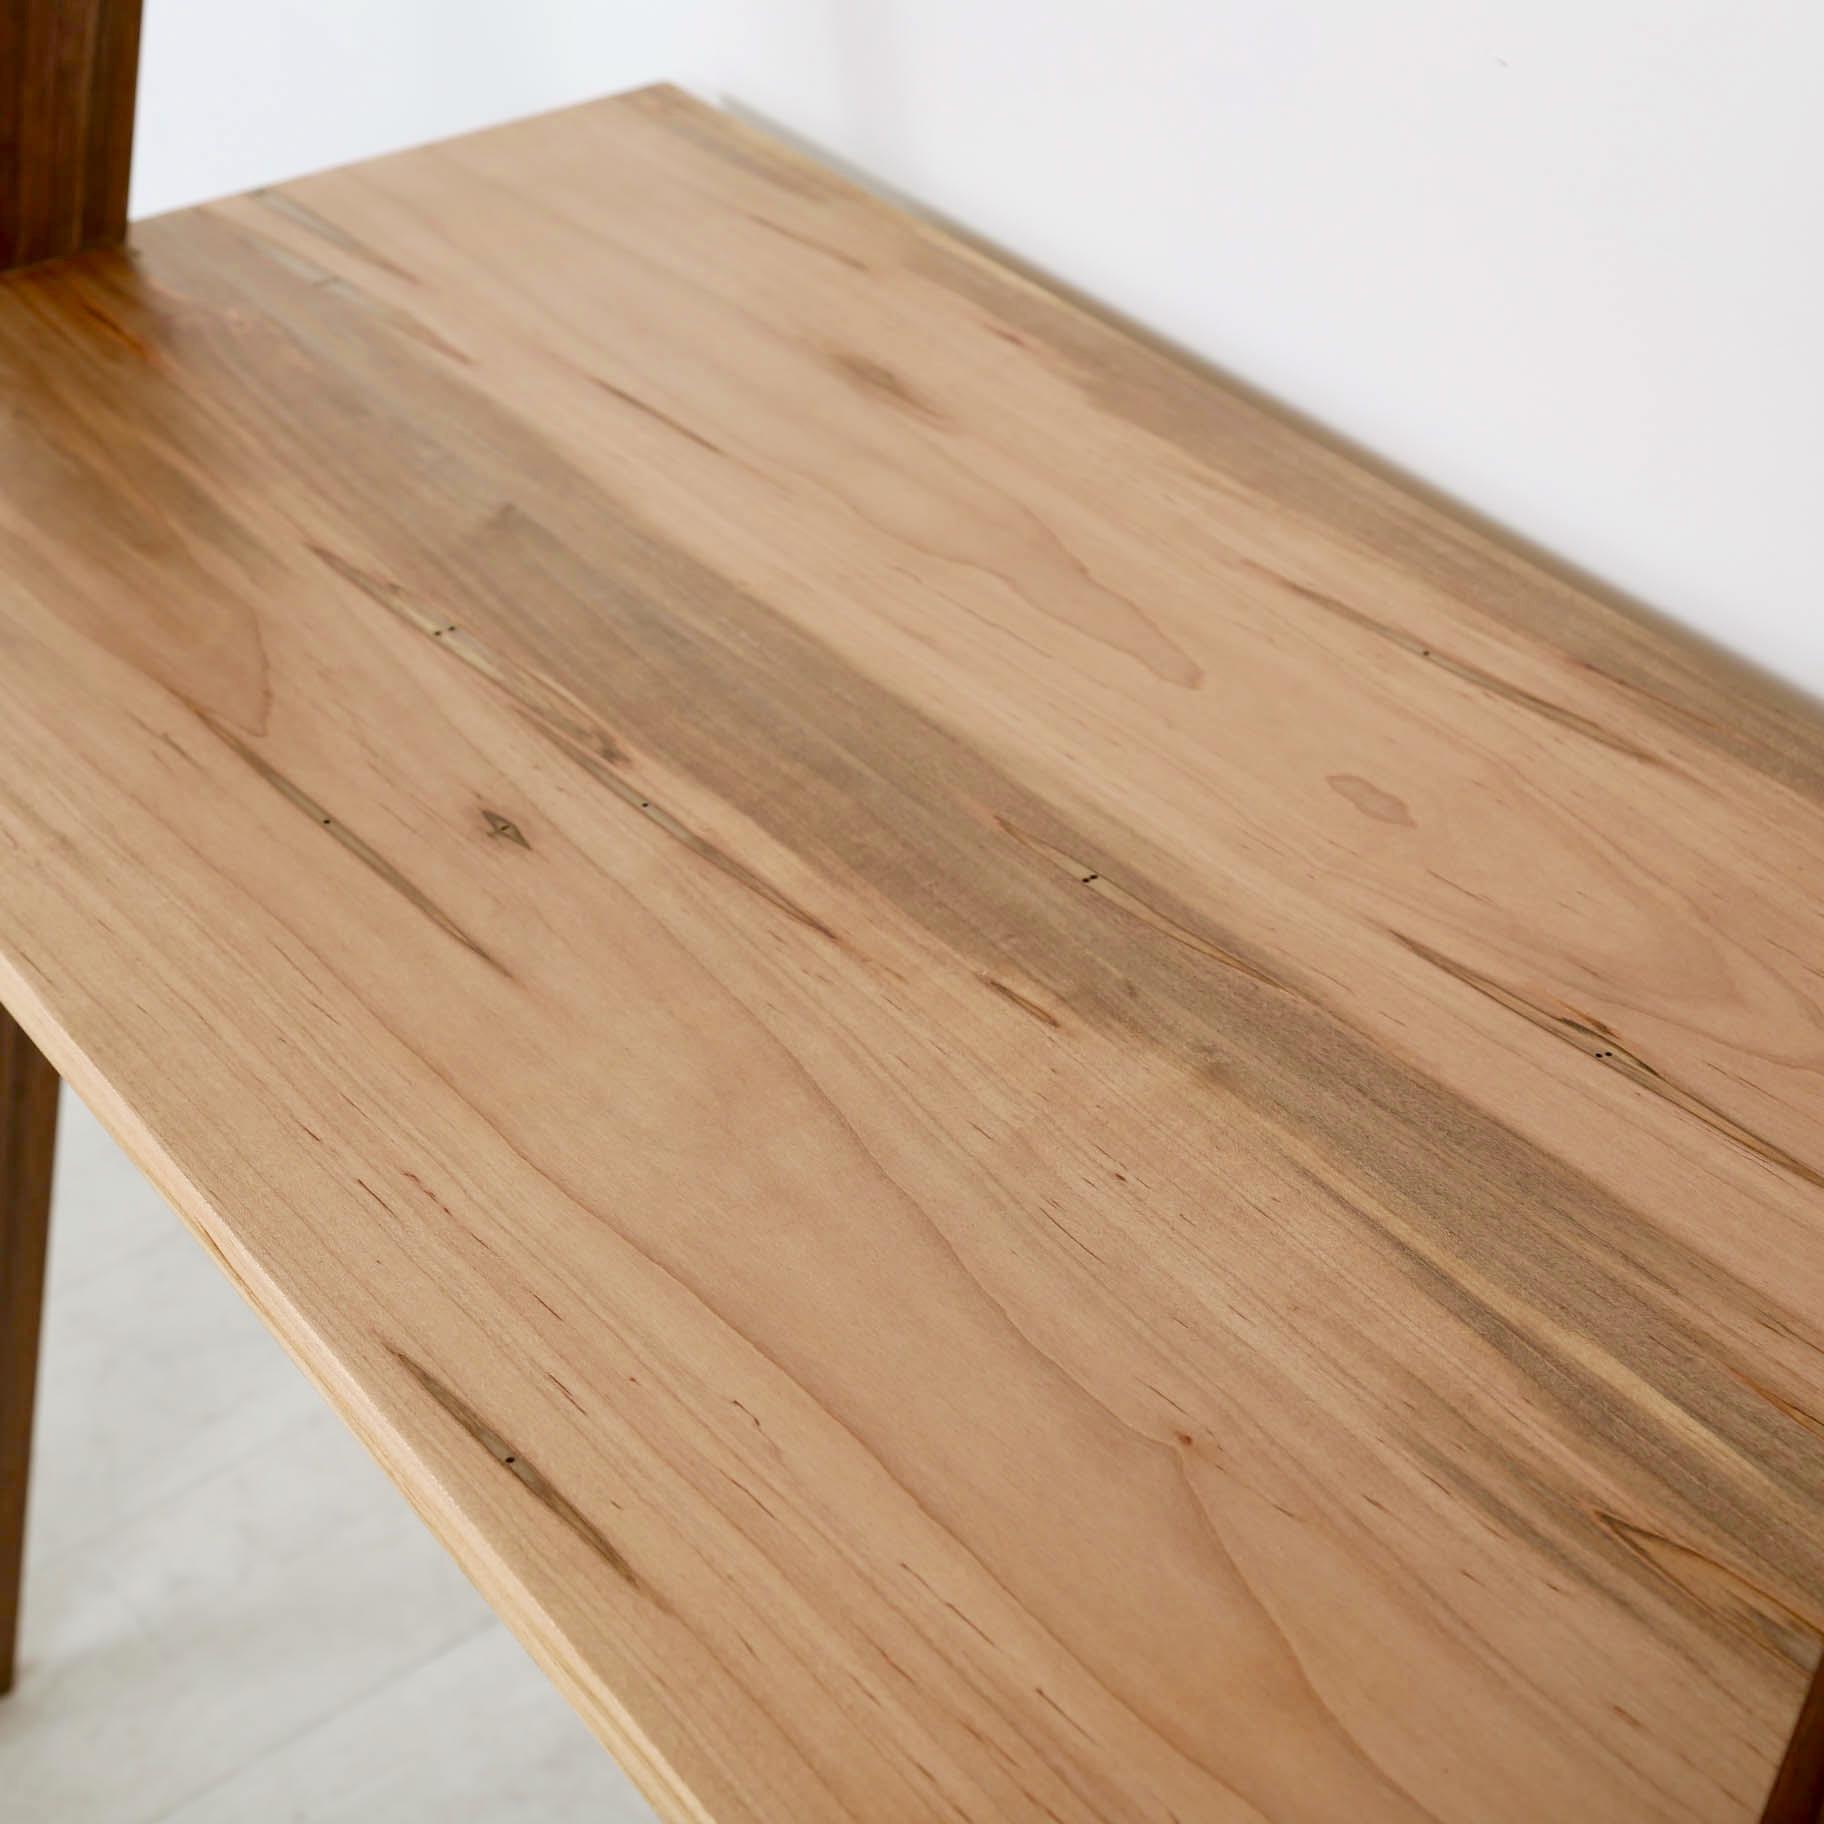 raleigh desk, north carolina desk, modern desk, raleigh custom furniture